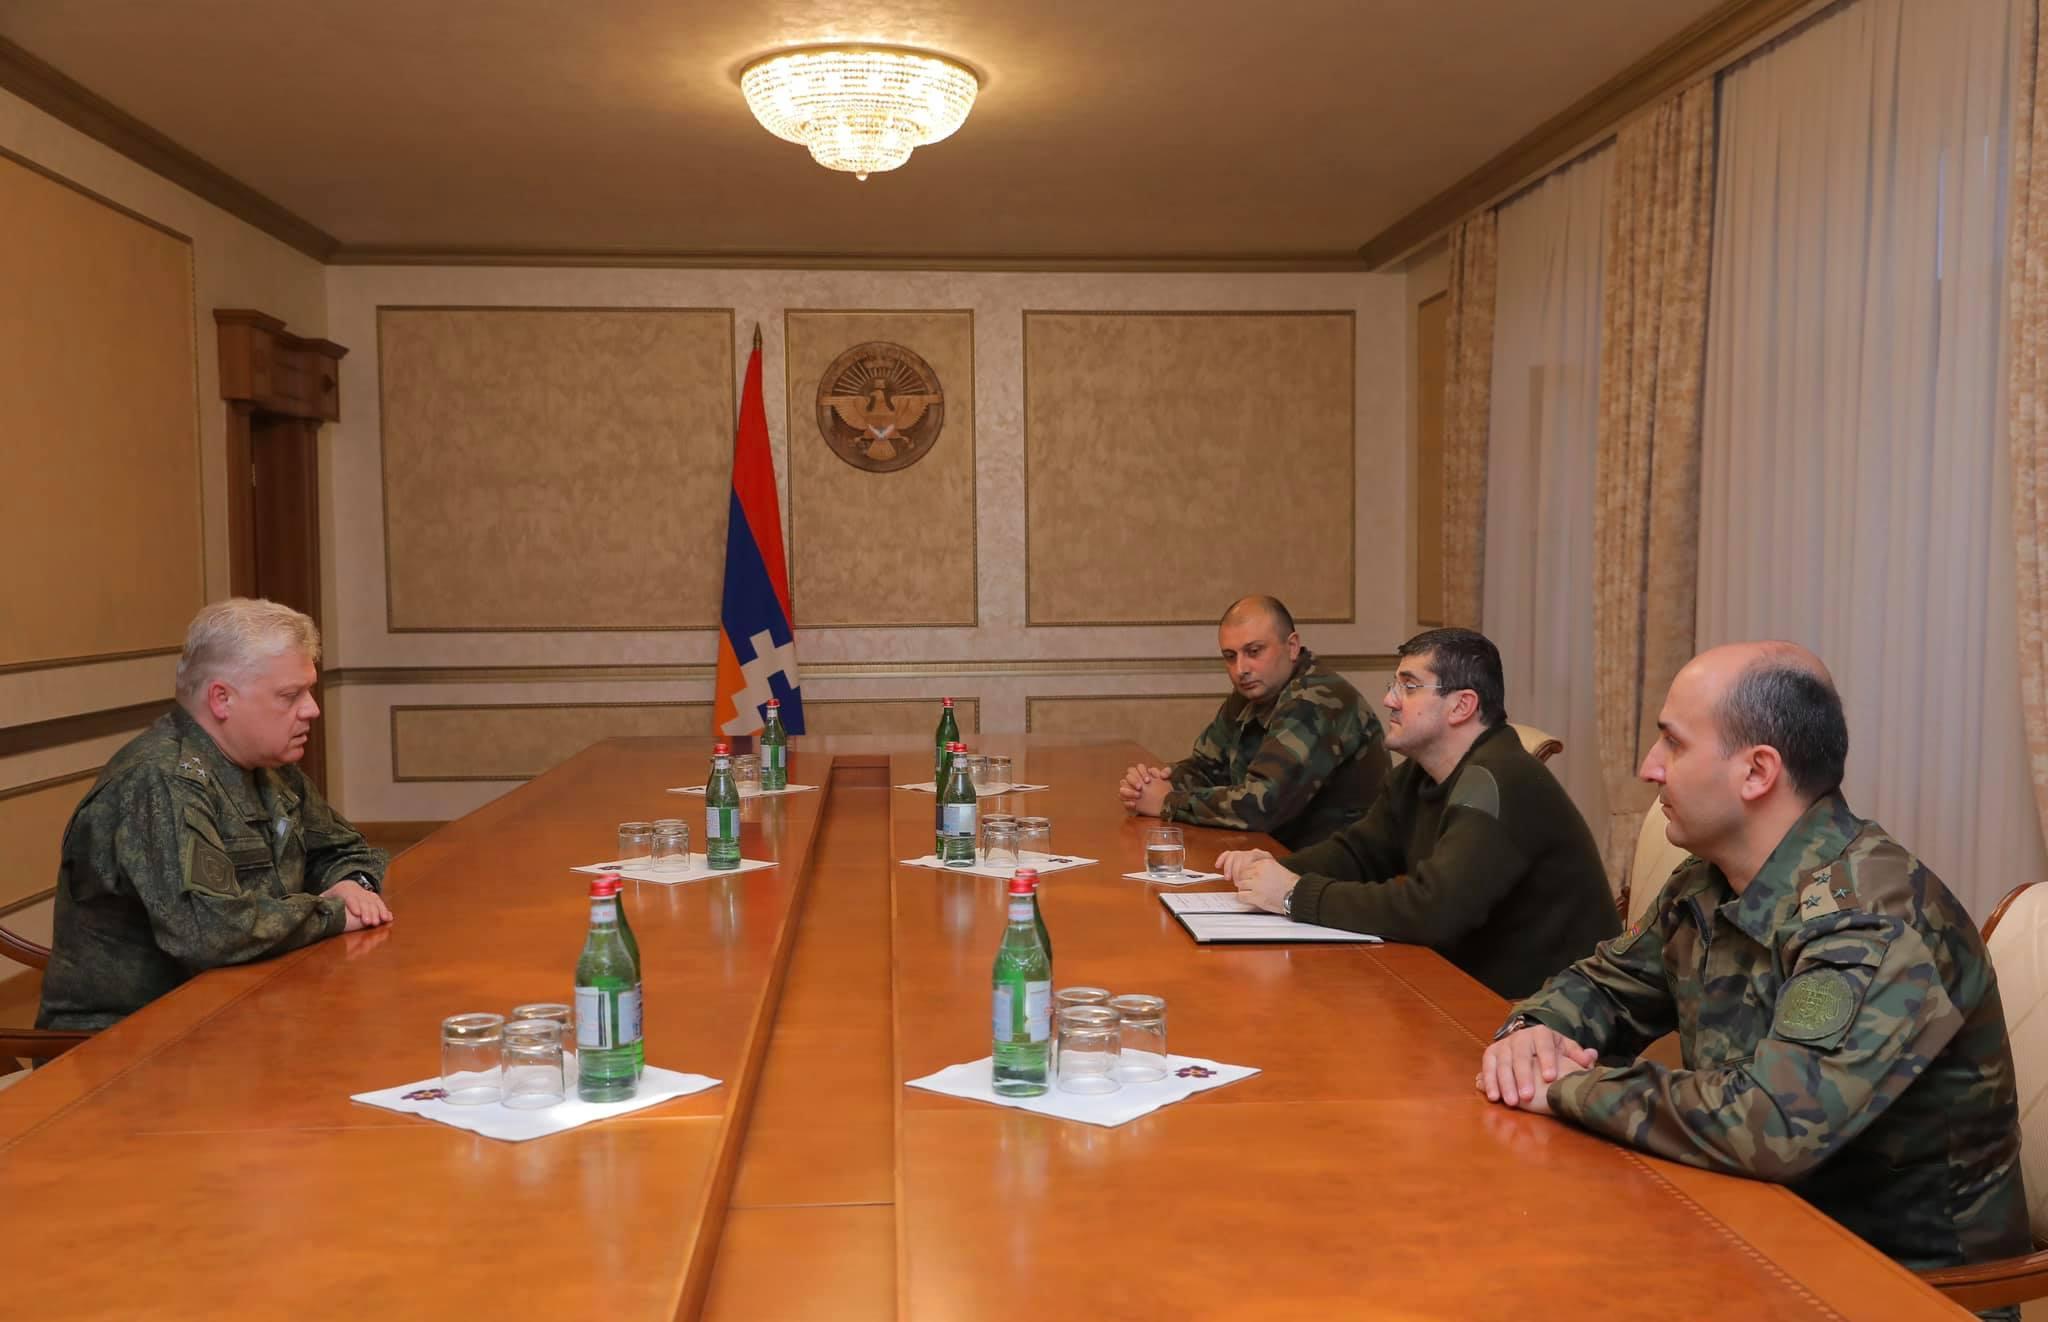 Photo of Արայիկ Հարությունյանն ընդունել է ՌԴ խաղաղապահ ուժերի կազմում ընդգրկված՝ ՌԴ ԶՈւ հարավային ռազմական օկրուգի զինվորական դատախազի առաջին տեղակալ, գնդապետ Դմիտրի Շուվարկինին